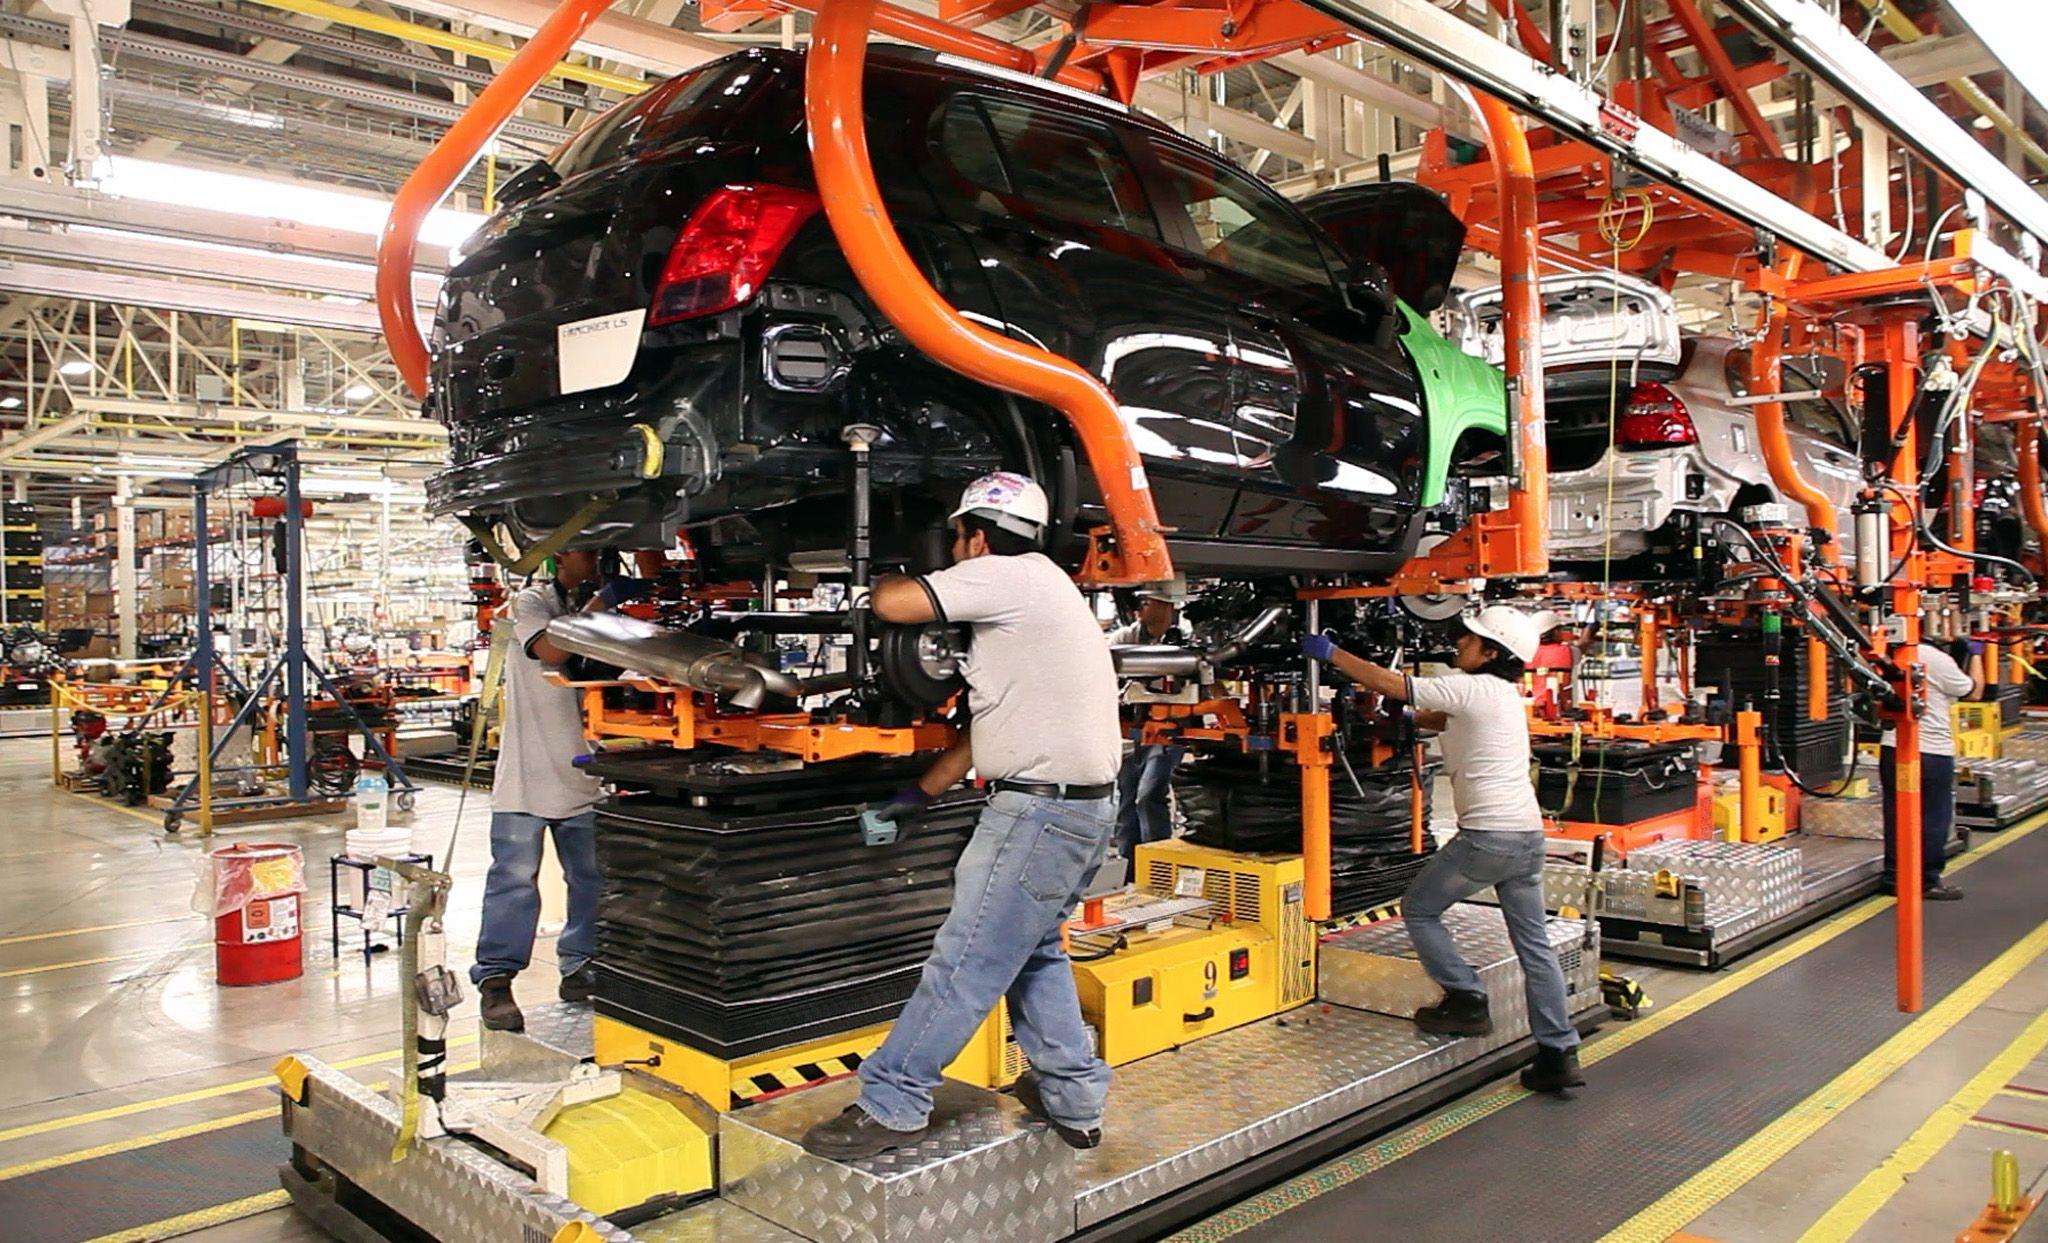 El Inegi informó este miércoles que 15 de 21 industrias de manufactura de México presentaron crecimientos mensuales en marzo. Inegi reported this Wednesday that 15 of 21 manufacturing industries in Mexico presented monthly growth in March.